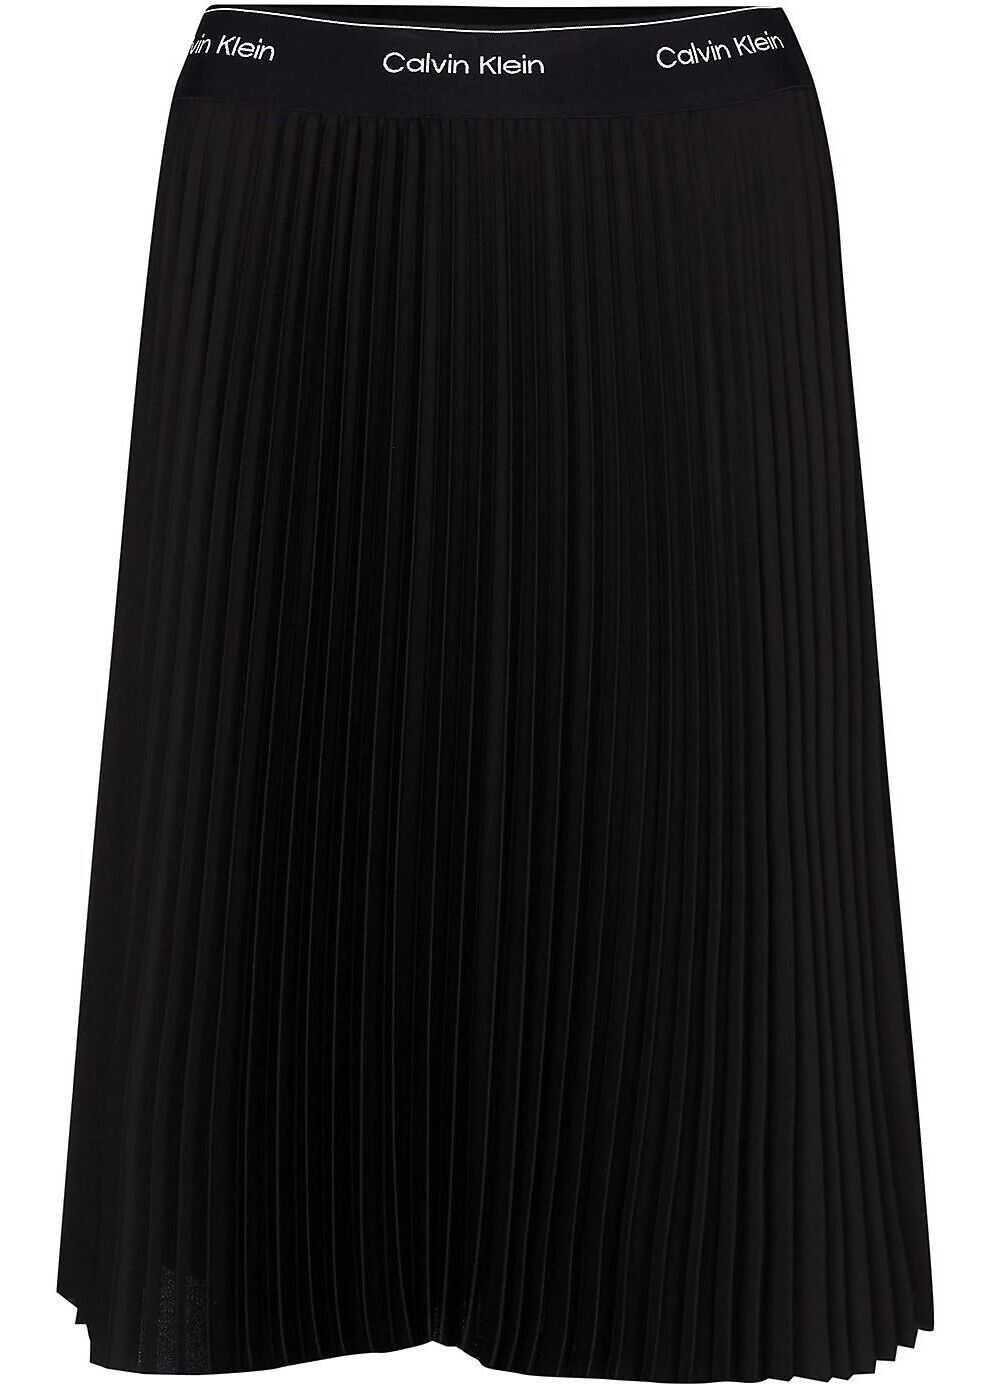 Calvin Klein Polyester Skirt BLACK